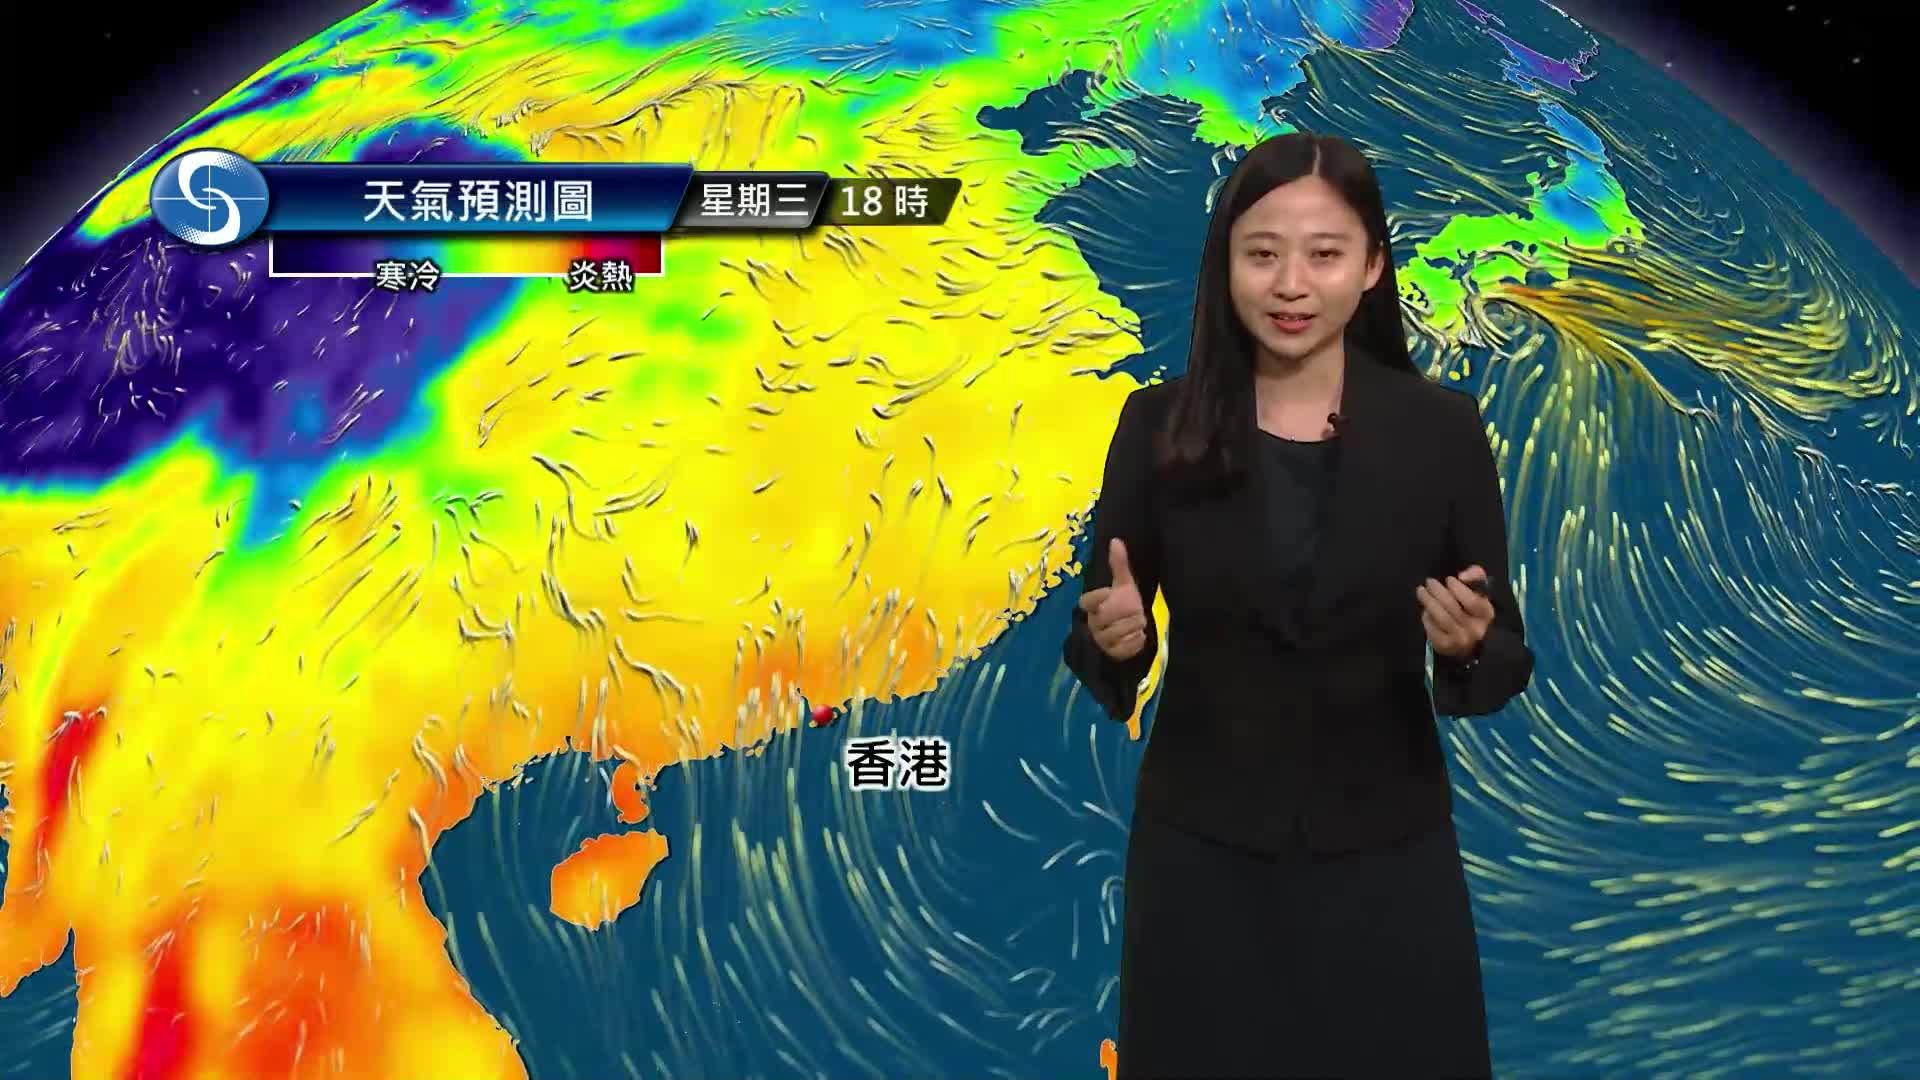 黃昏天氣節目(05月12日下午6時) - 科學主任梁麗儷